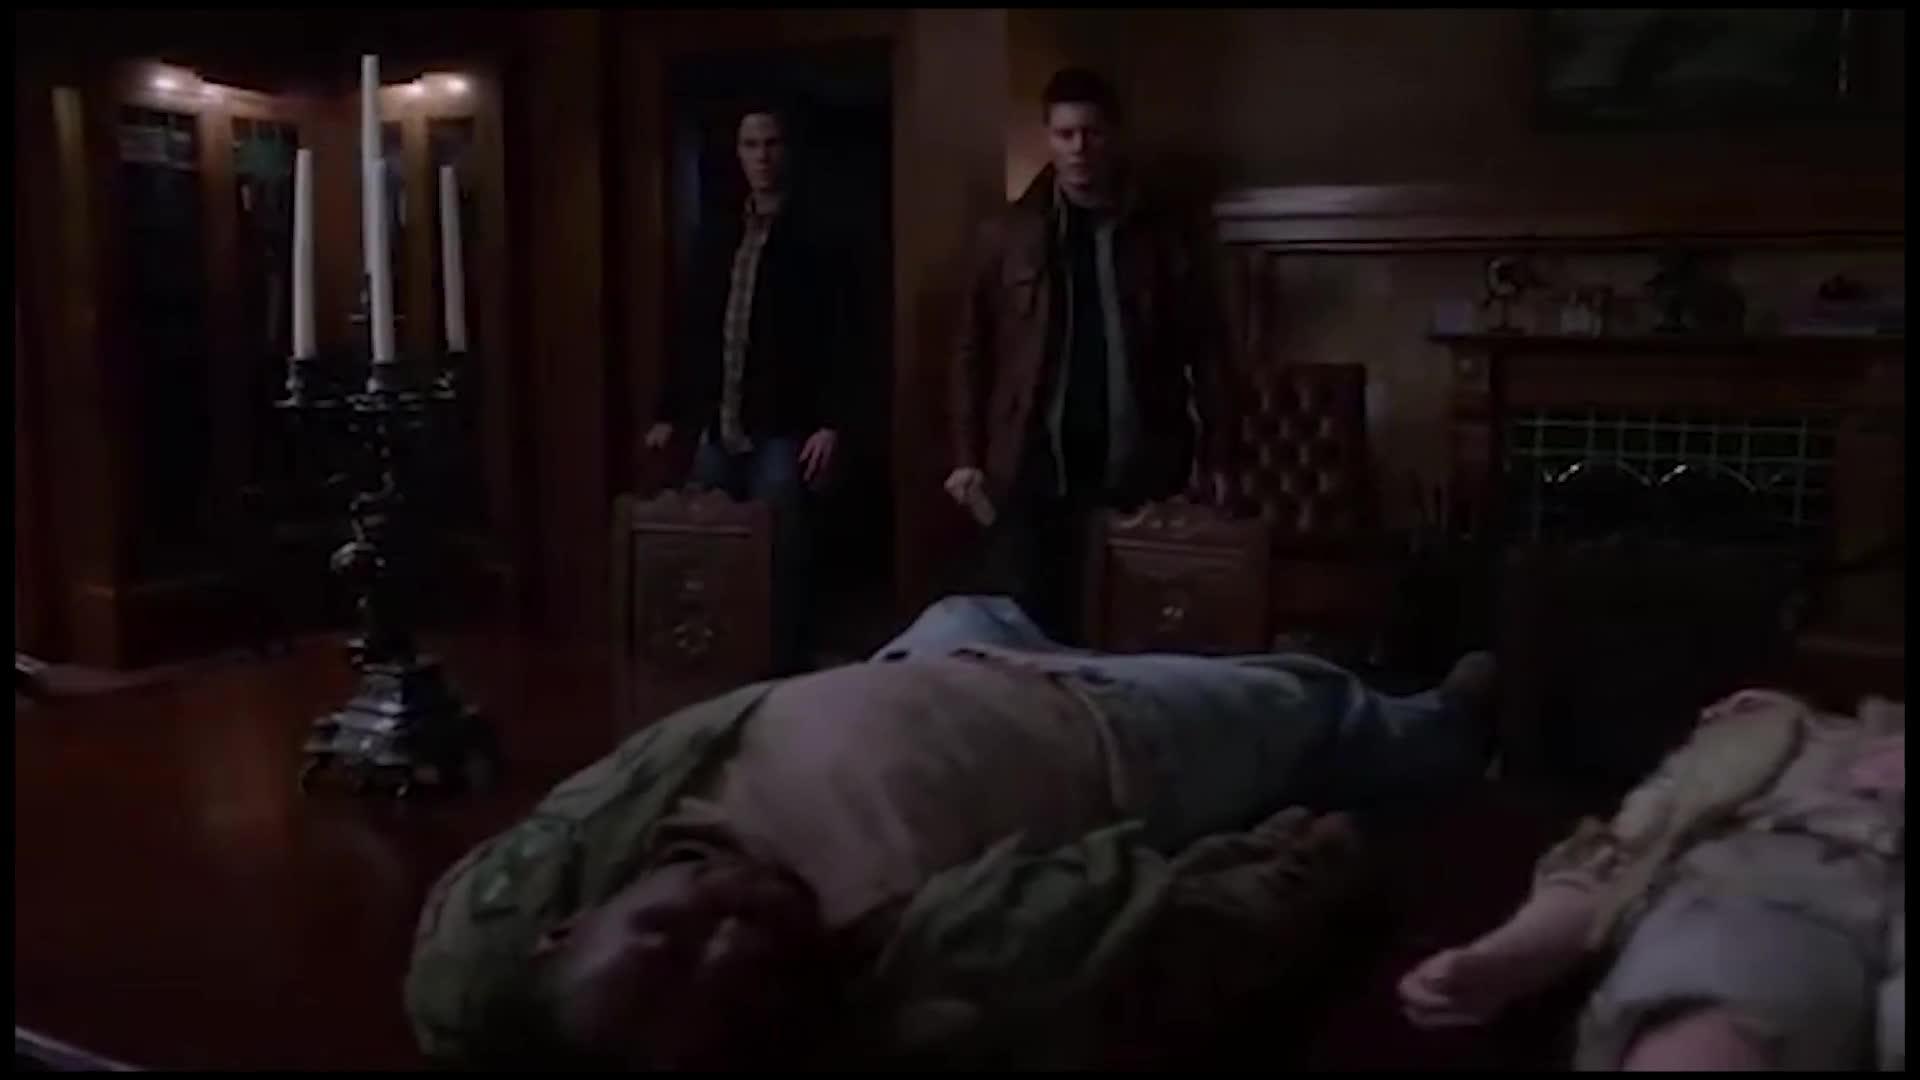 几个男子进到这个房间后,发现了这样的一幕,死的太惨了